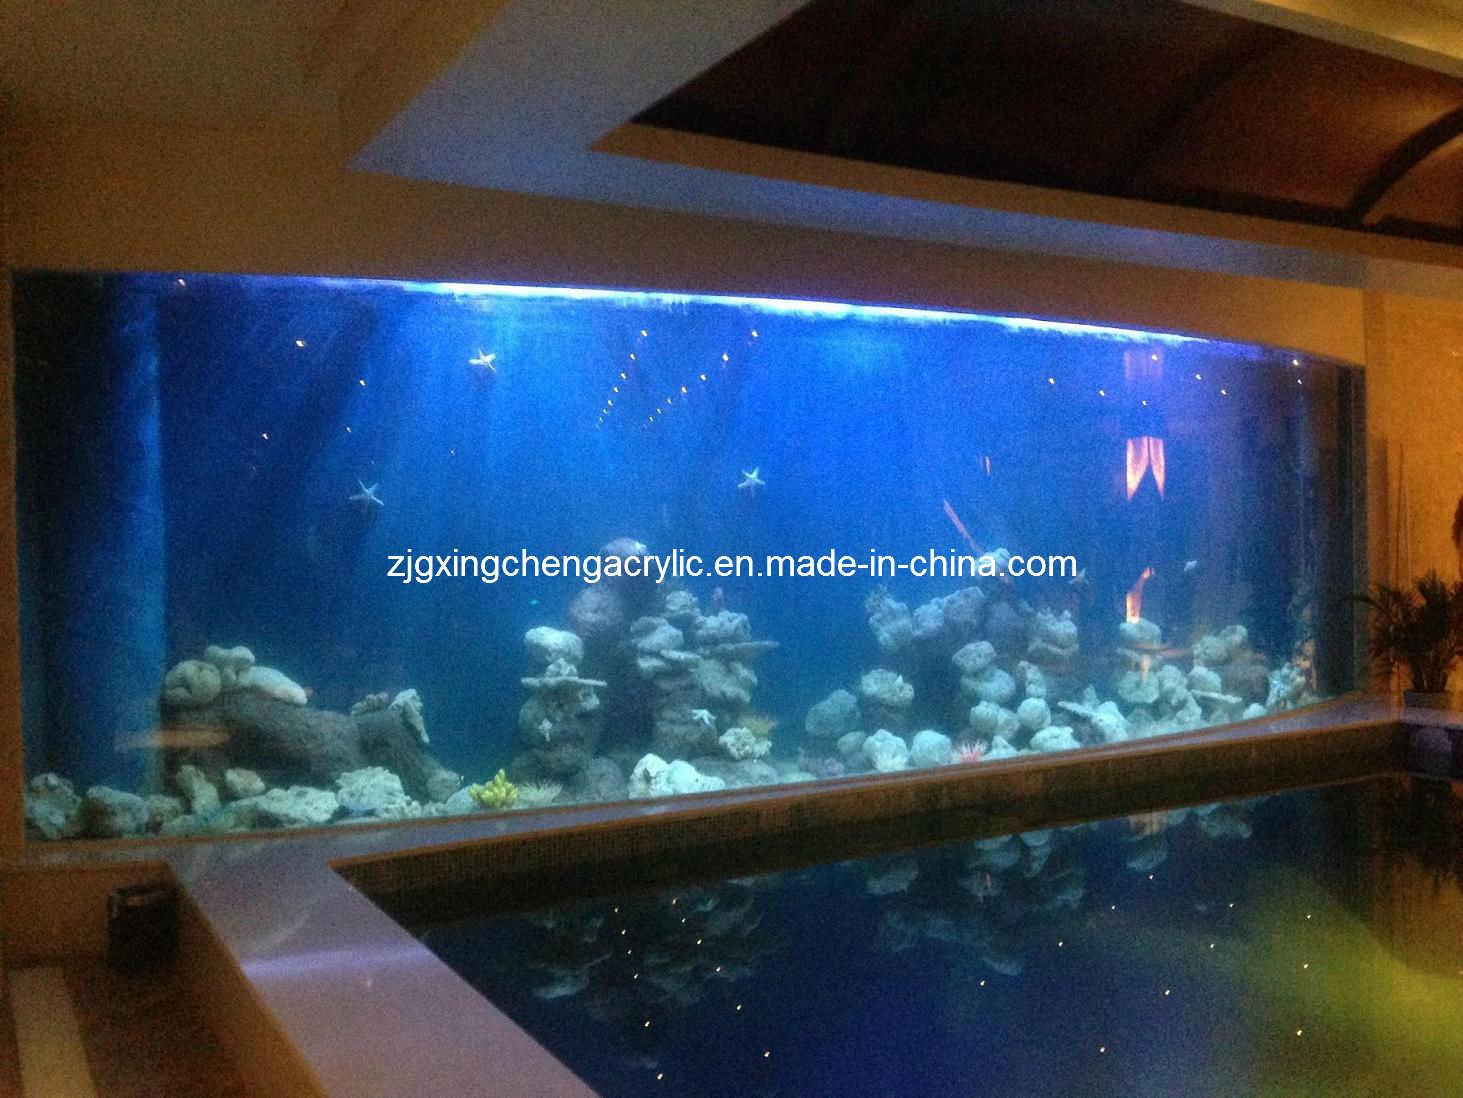 Aquarium fish tank manufacturers - Transparent Acrylic Aquarium Plexiglass Fish Tank Manufacturer